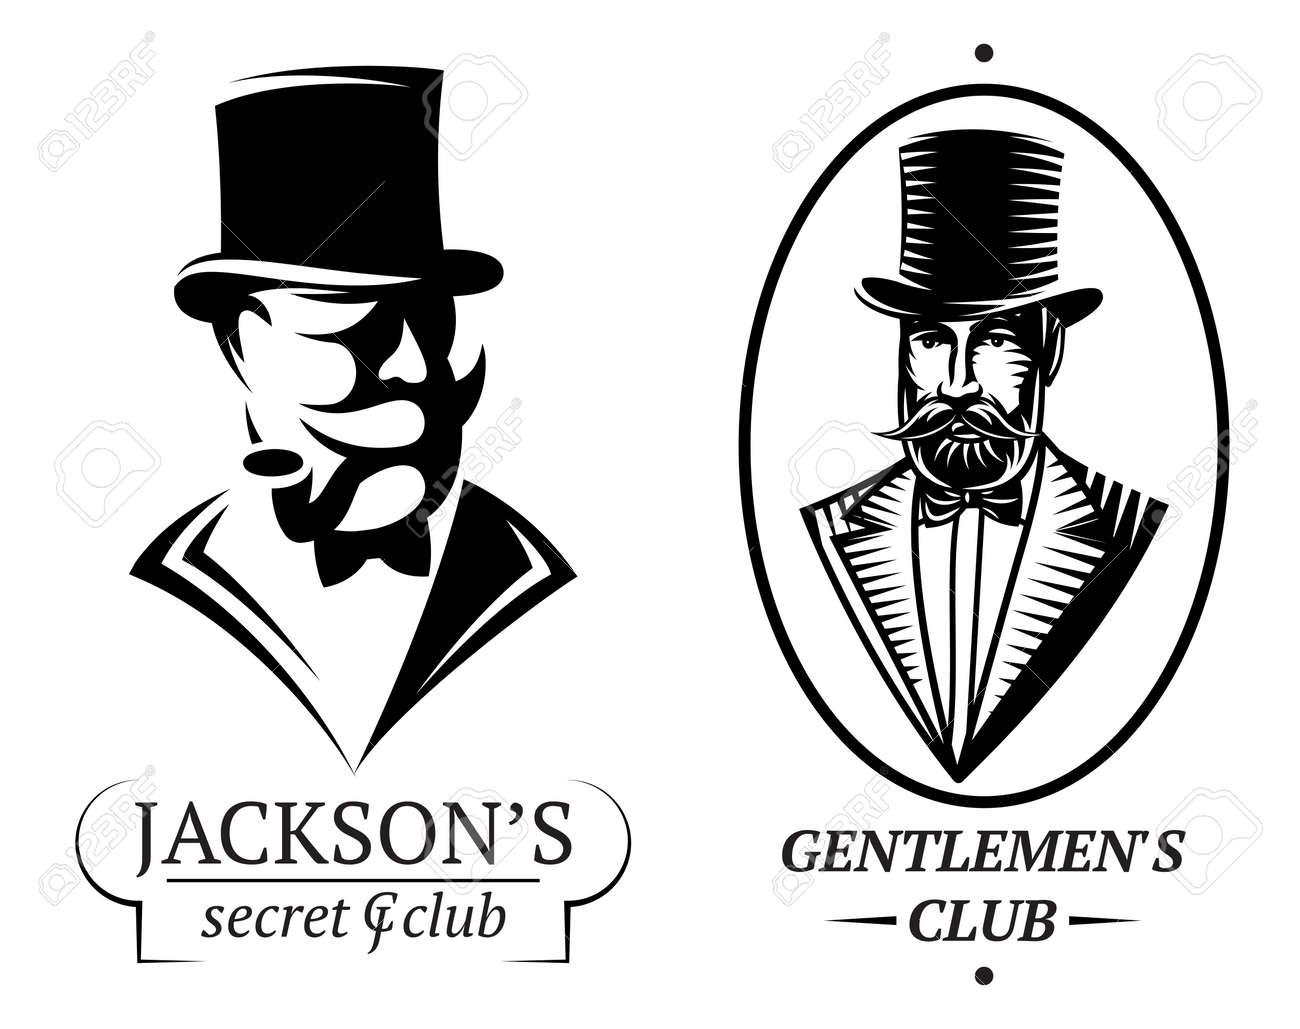 Reihe Von Vektor-Logo-Vorlagen Für Gentlemens Club Lizenzfrei ...